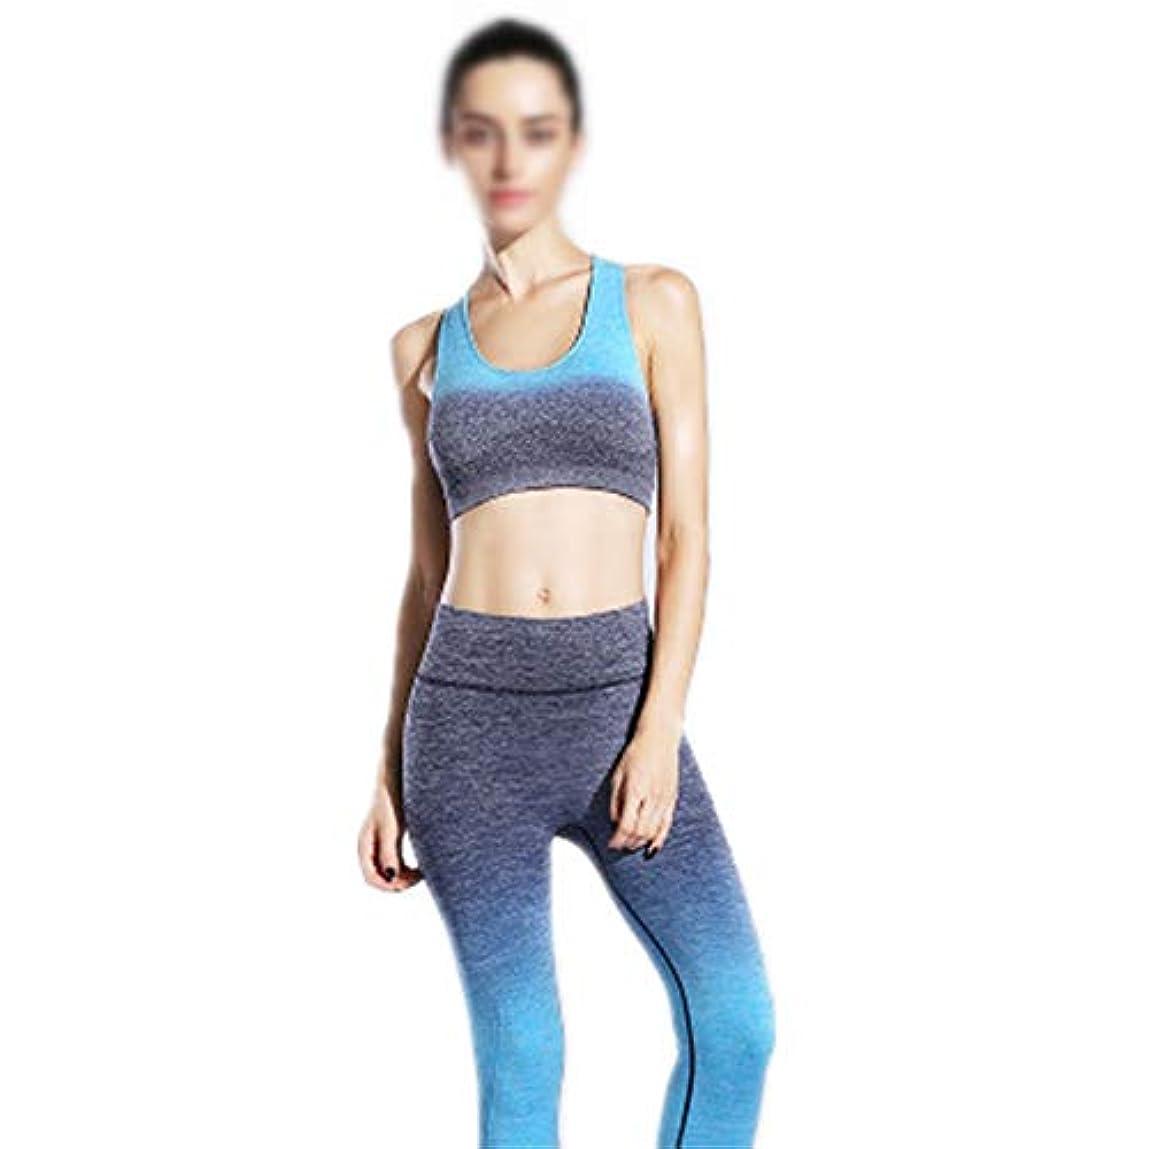 リア王くまペイン女性のスポーツウェアスーツ 女性2ピース服スポーツブラヨガレギンスジムワークアウトの服セット レディースヨガウェア2点セット (色 : D, Size : L/XL)